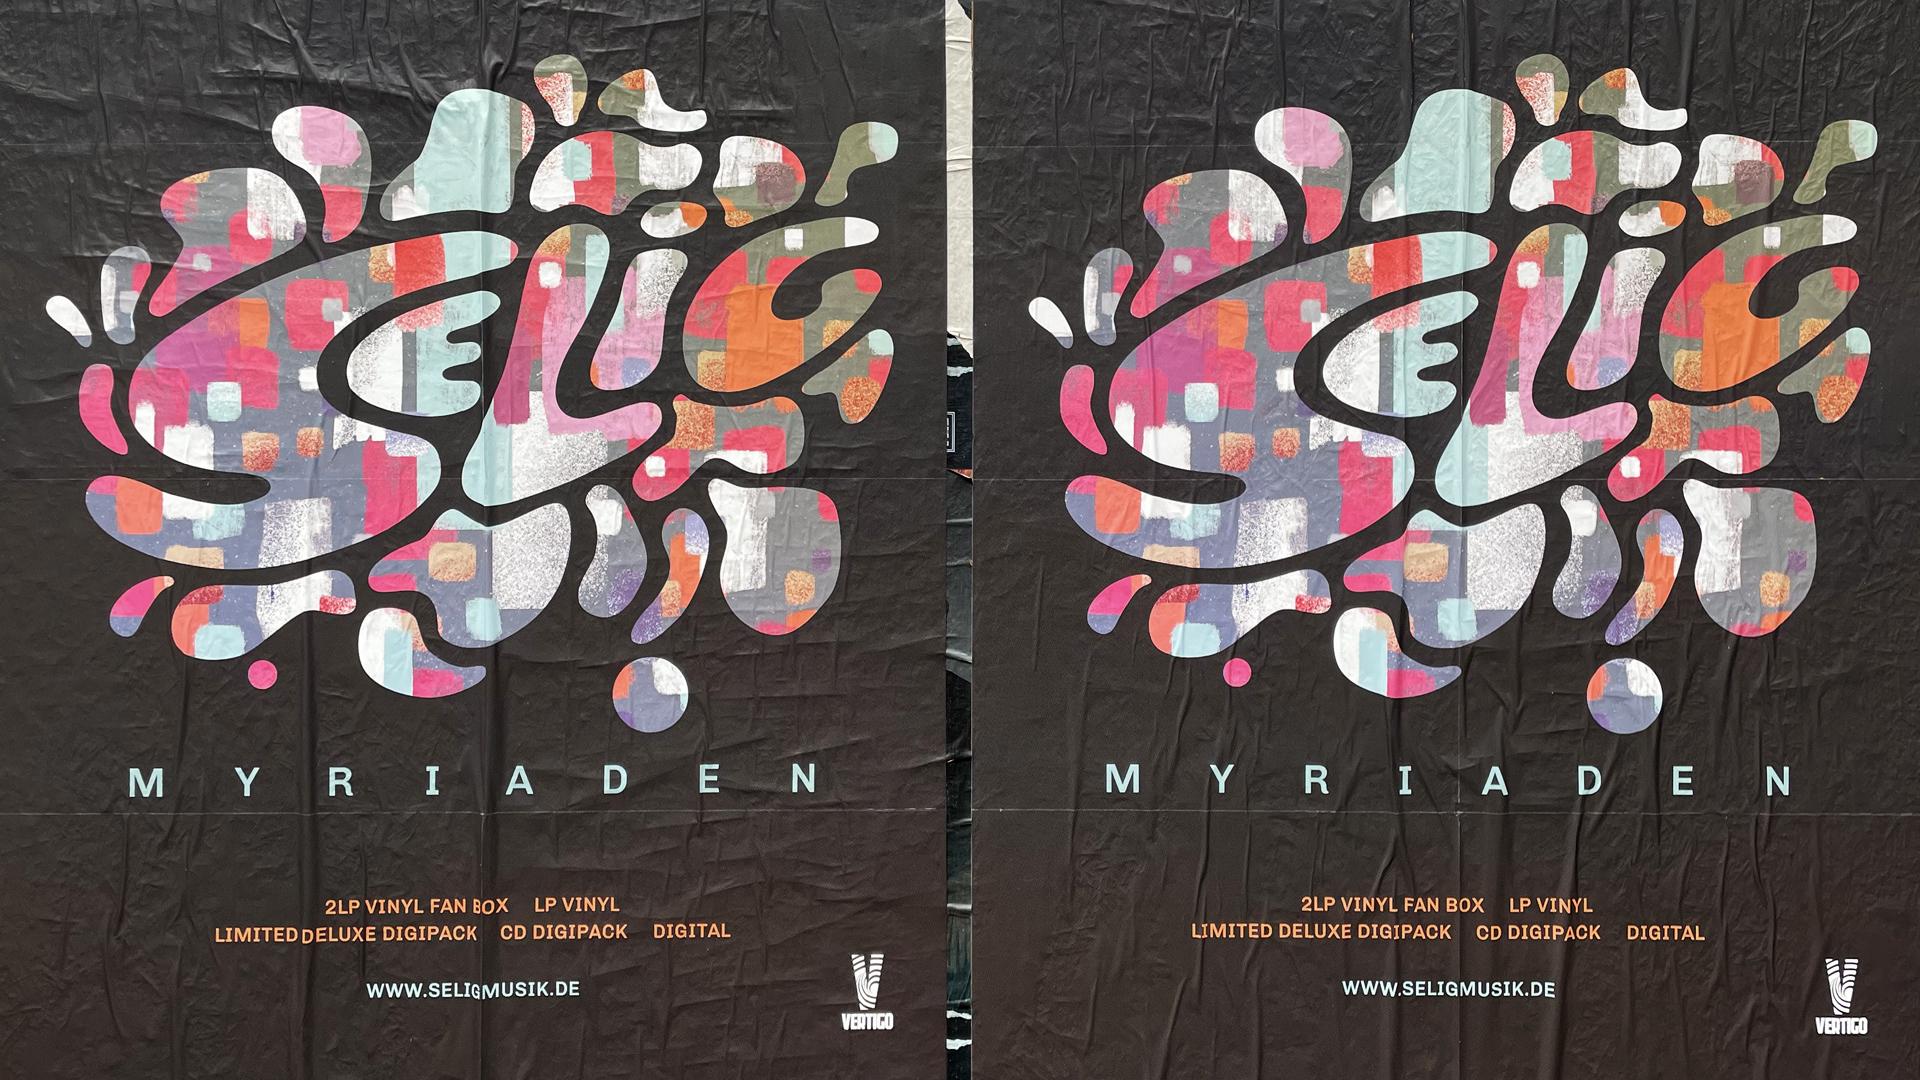 Selig_Myriaden_Poster-1